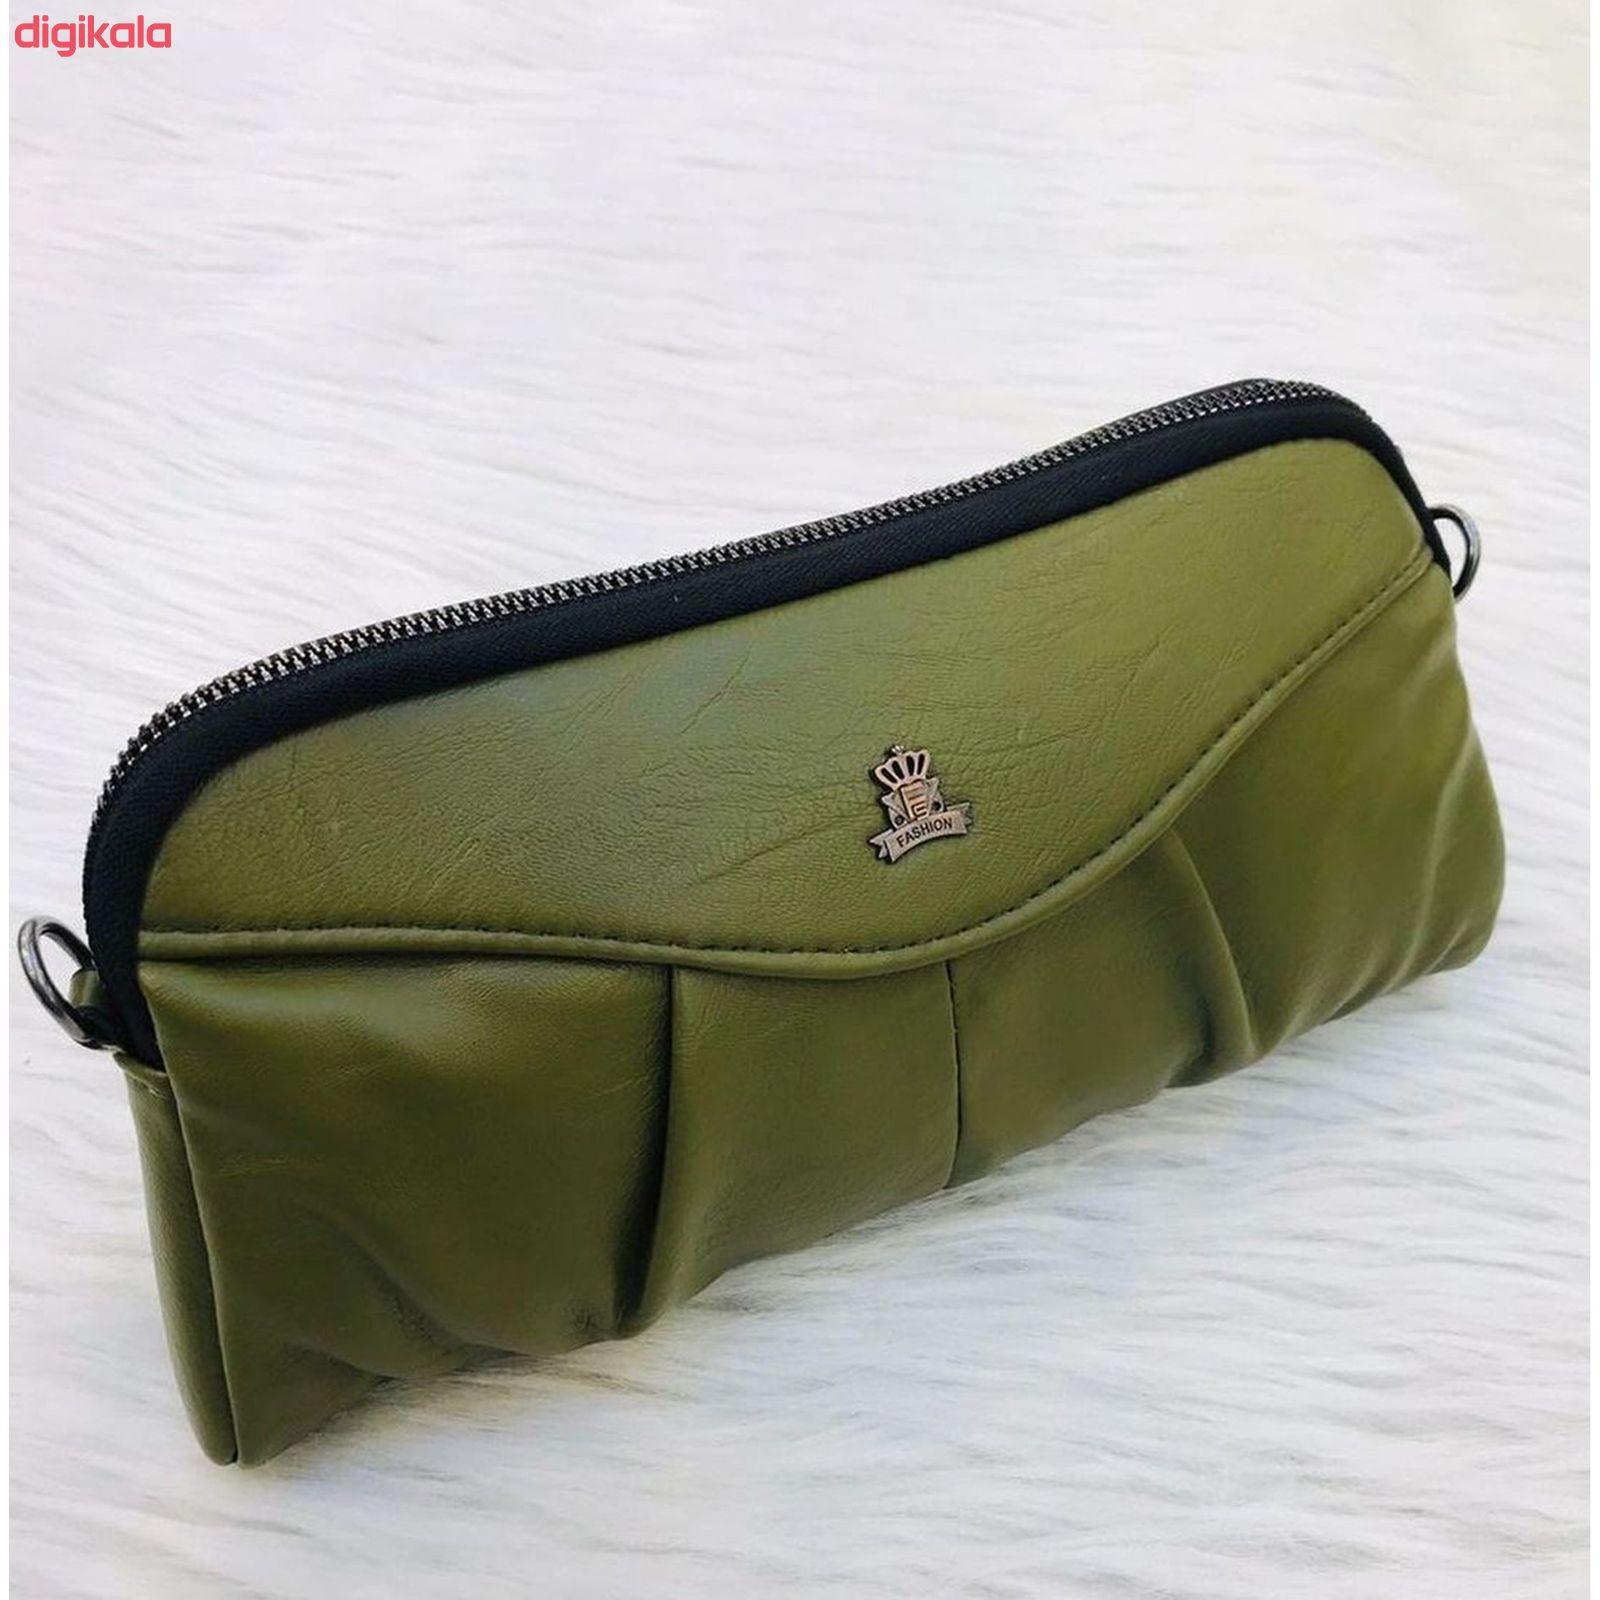 کیف دستی زنانه مدل ملکه main 1 6